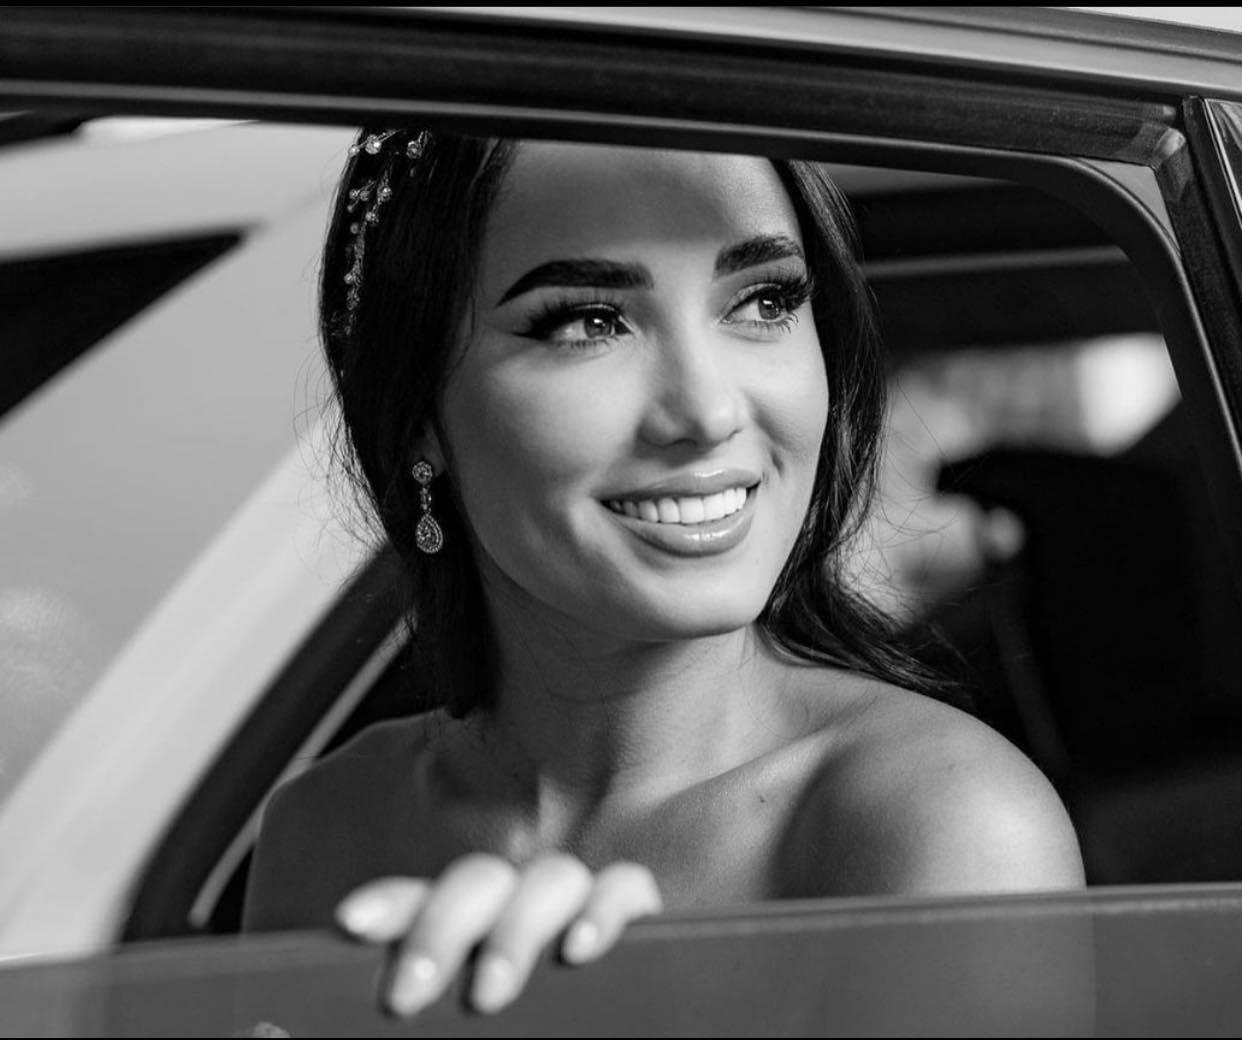 karolina vidales, candidata a miss mexico 2021, representando michoacan. - Página 10 12839510